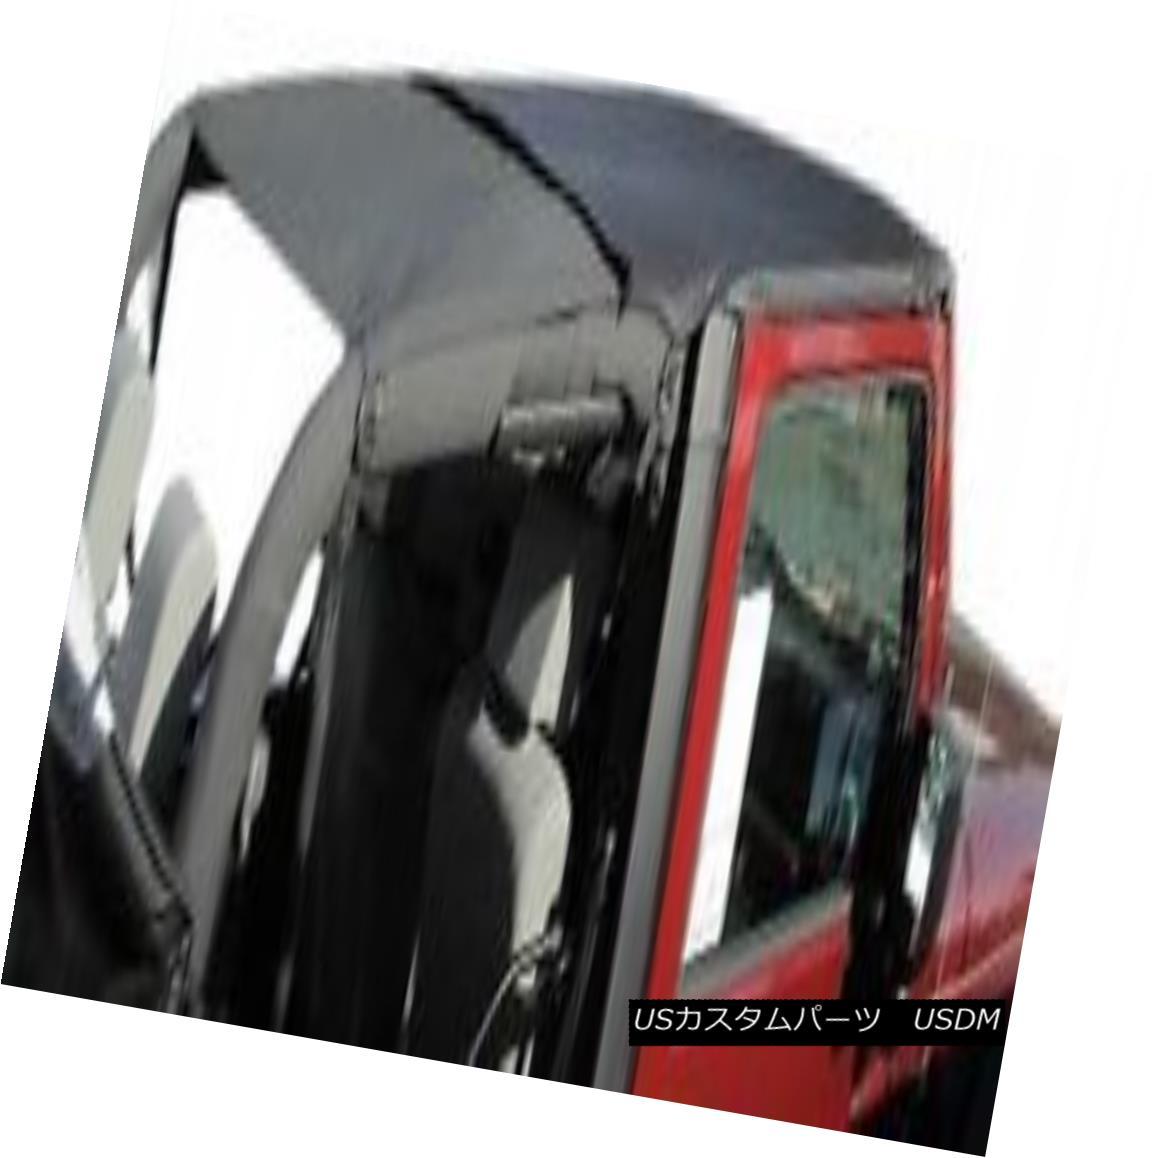 幌・ソフトトップ Rampage Combo Brief & Topper 07-18 Jeep Wrangler JK 2 Door 94835 Black Diamond ランペイジコンボブリーフ& トッパー07-18ジープラングラーJK 2ドア94835ブラックダイヤモンド